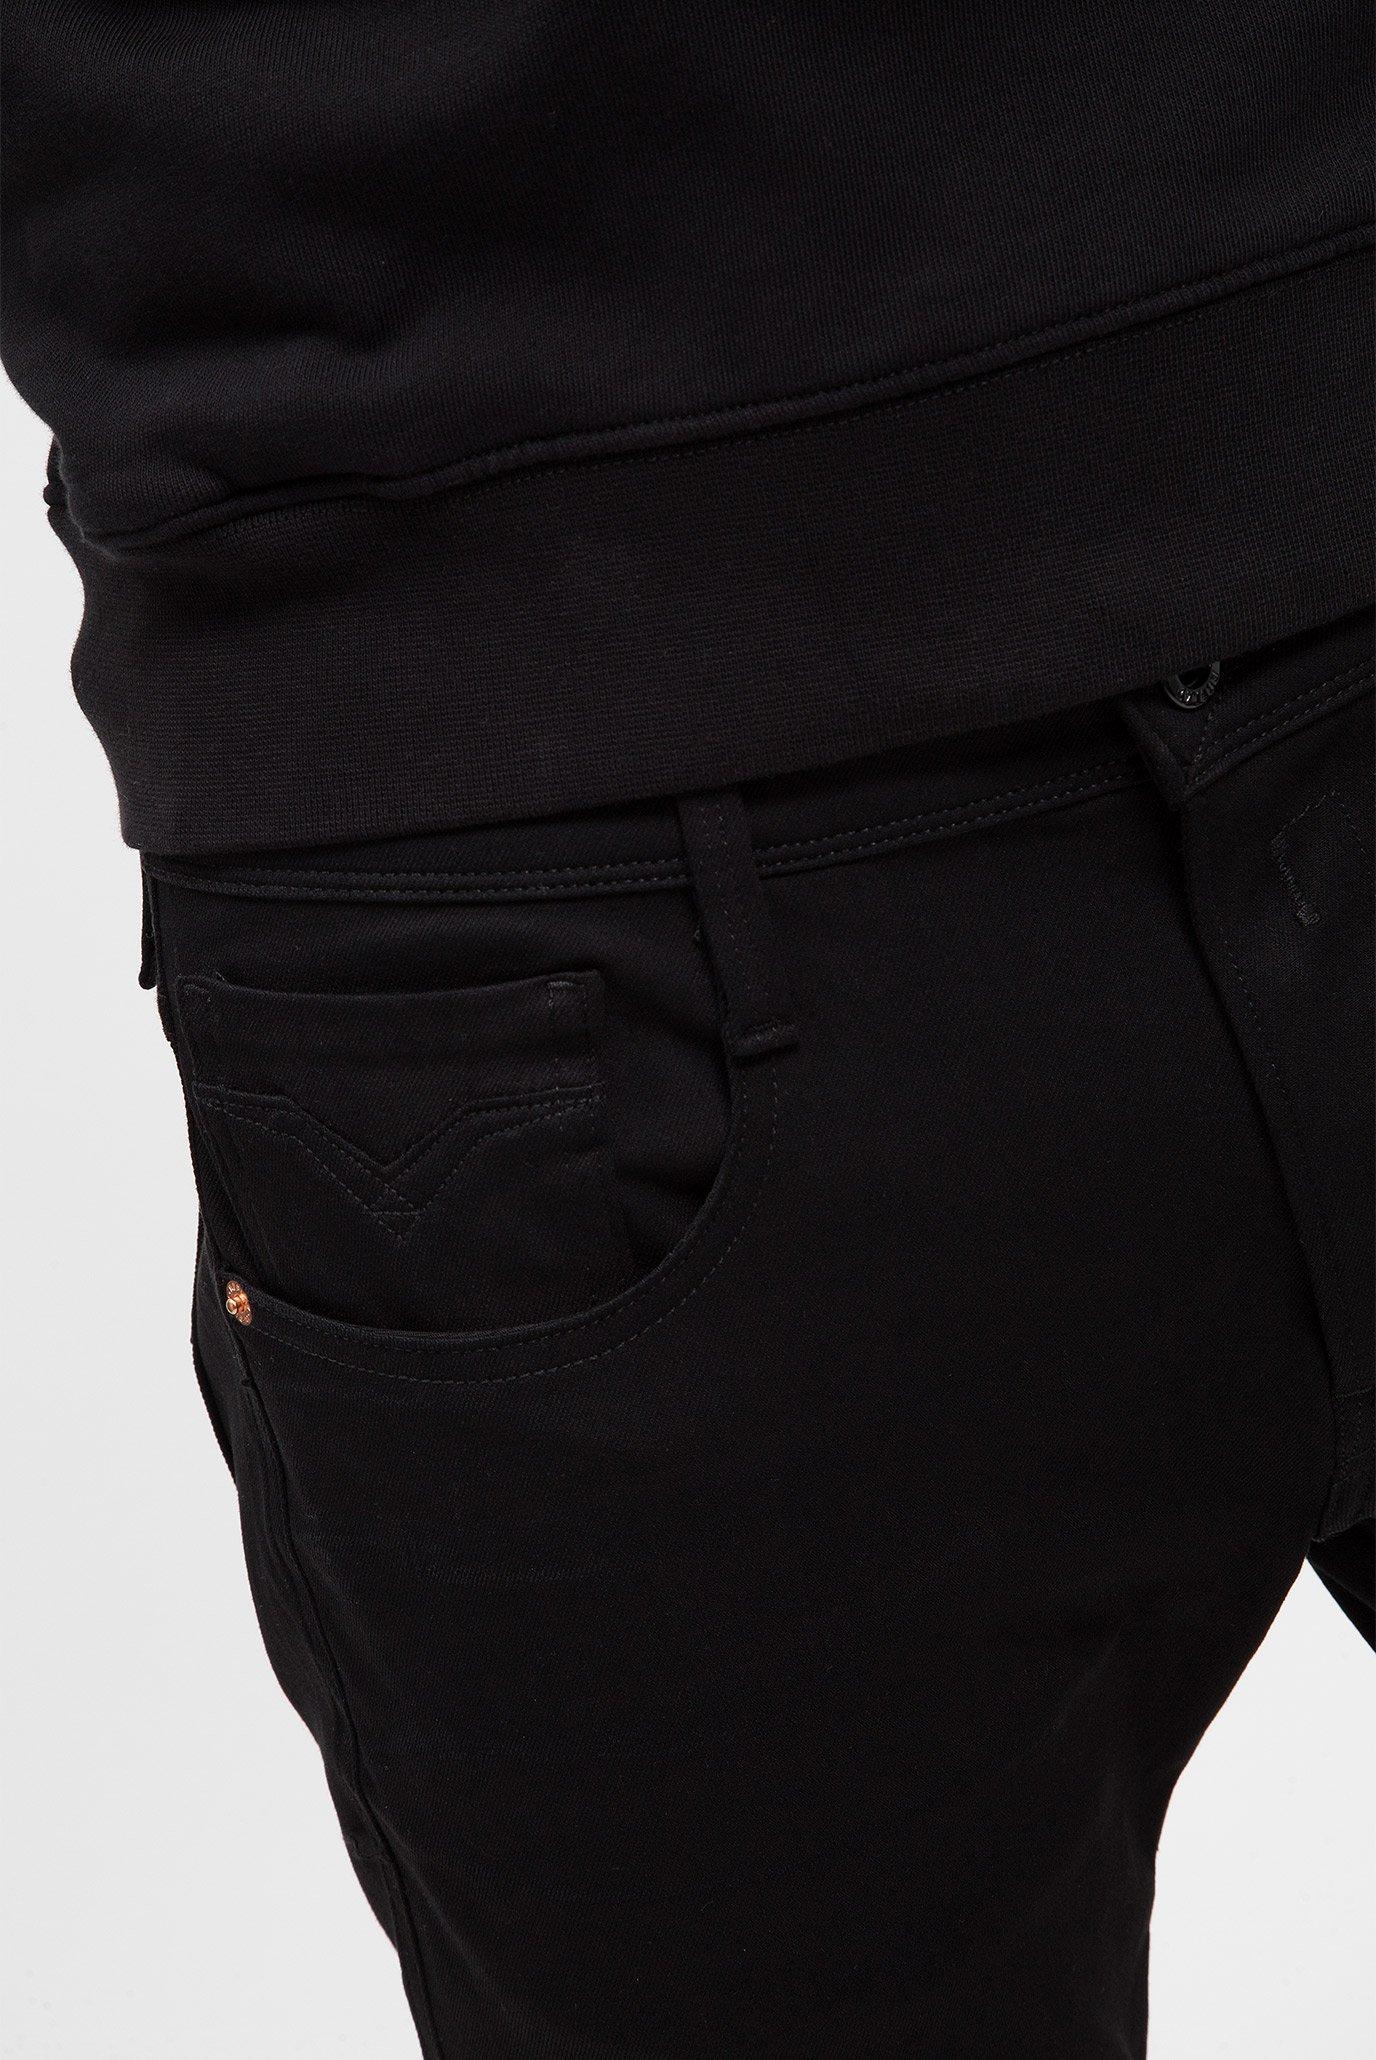 Купить Мужские черные джинсы ANBASS Replay Replay M914  .000.661 S02 – Киев, Украина. Цены в интернет магазине MD Fashion